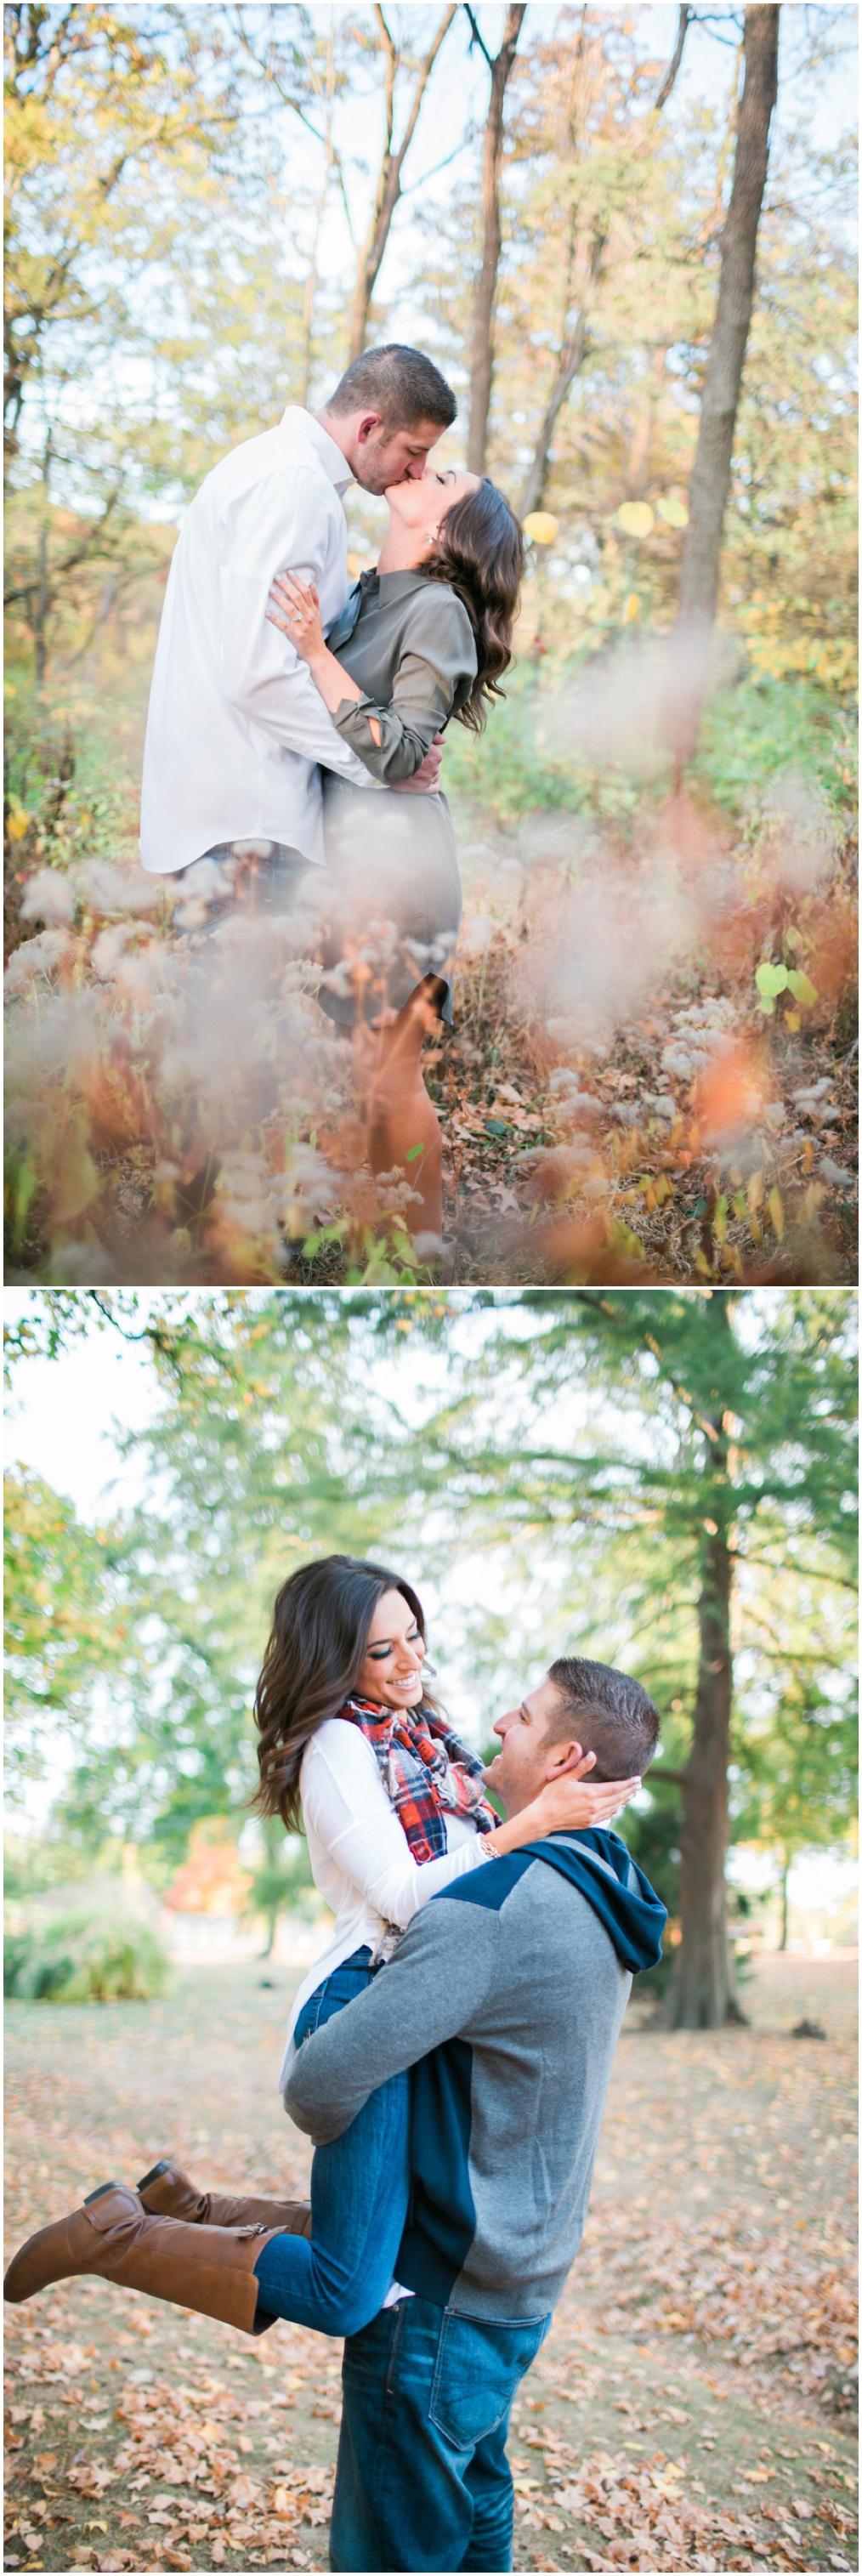 engagement-photos-6.jpg